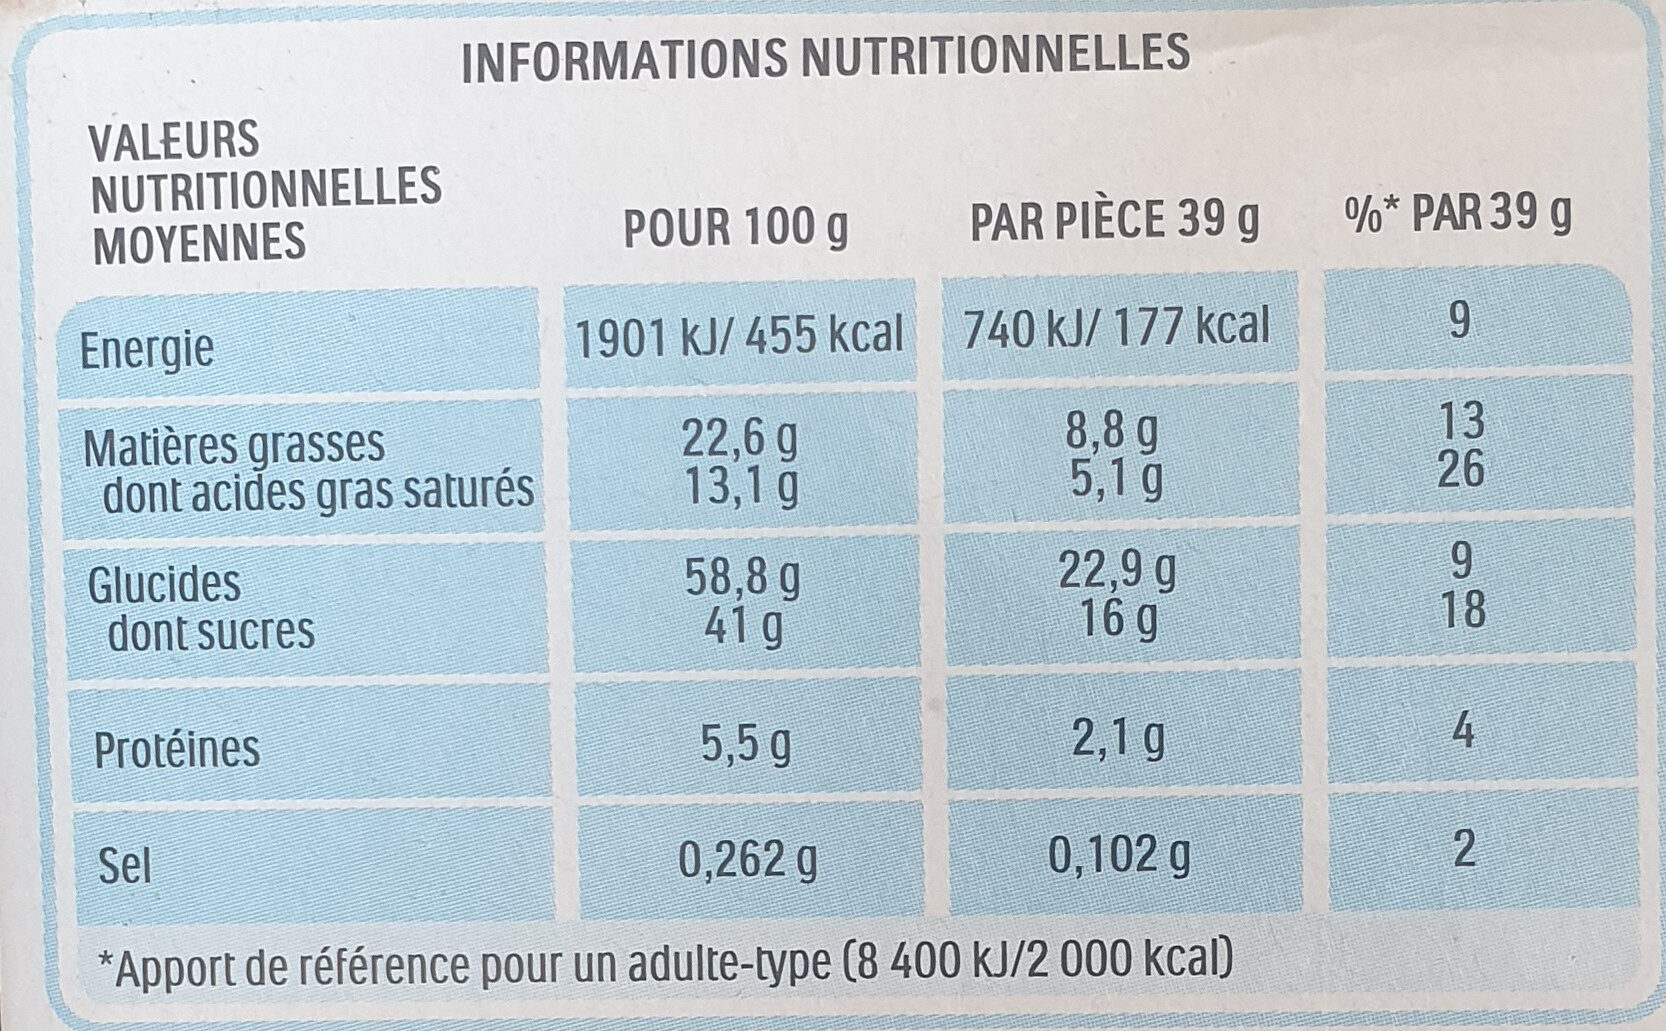 Kinder delice cacao gateau enrobe au cacao et fourre au lait t20 pack de 20 pieces - Valori nutrizionali - fr